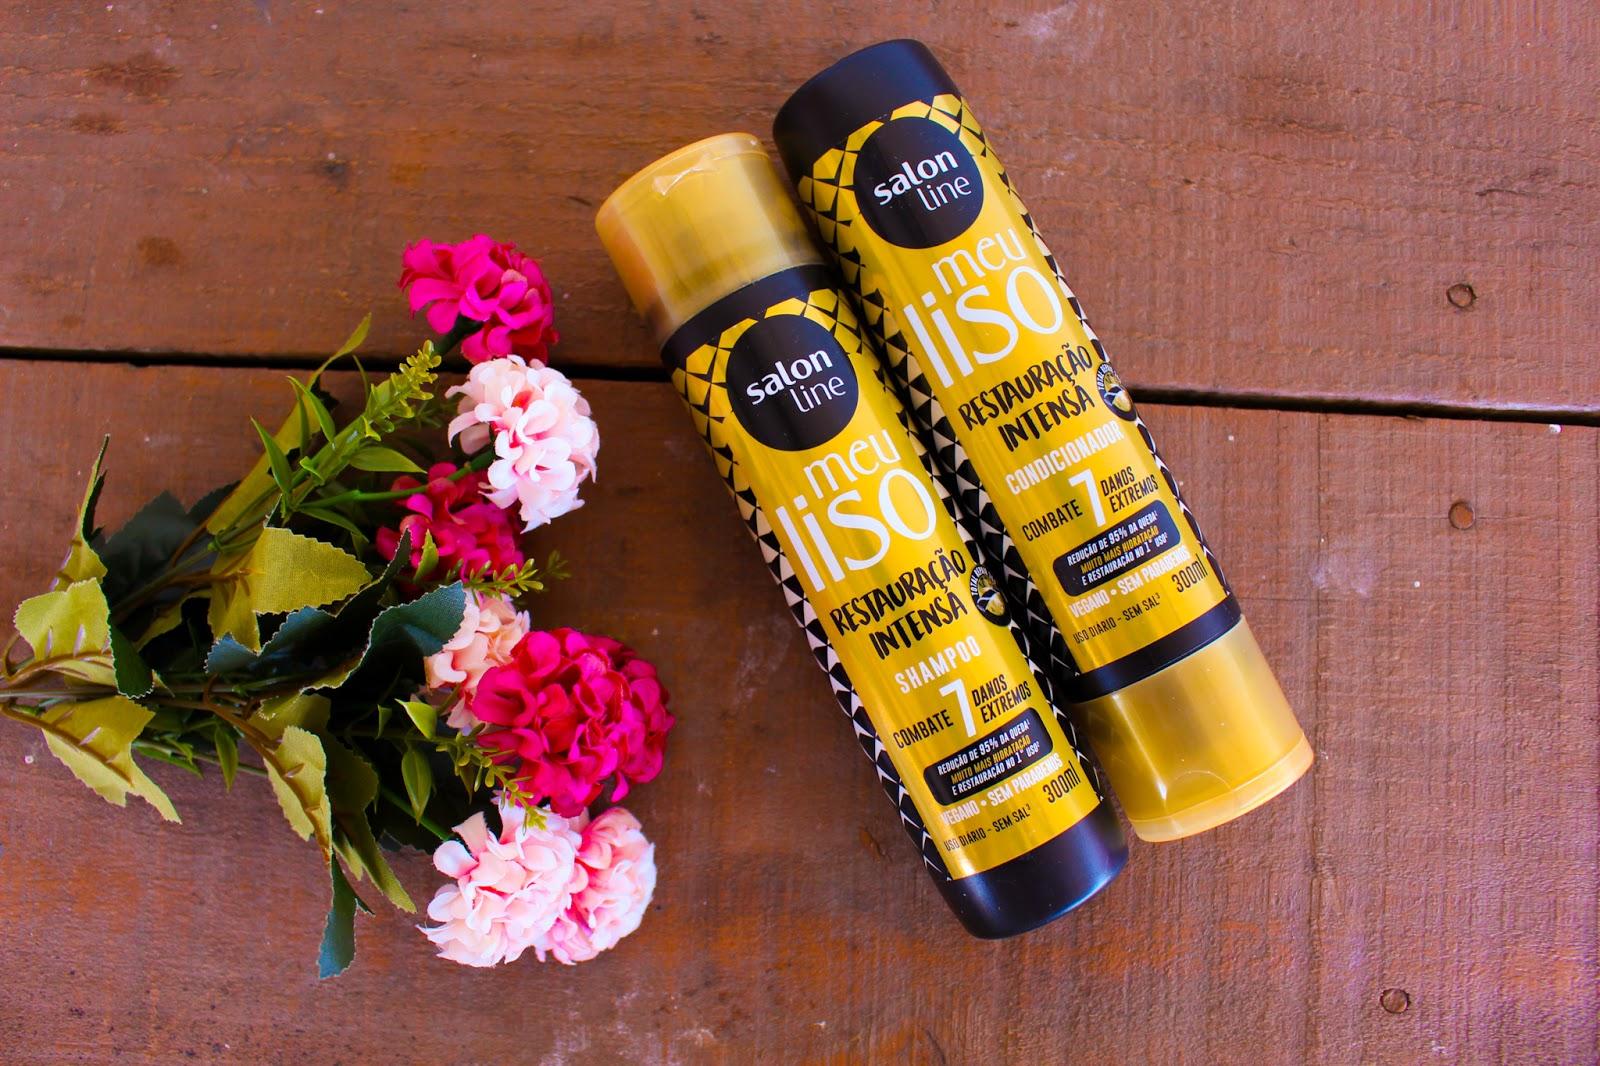 Shampoo e Condicionador Restauração Intensa da Salon Line